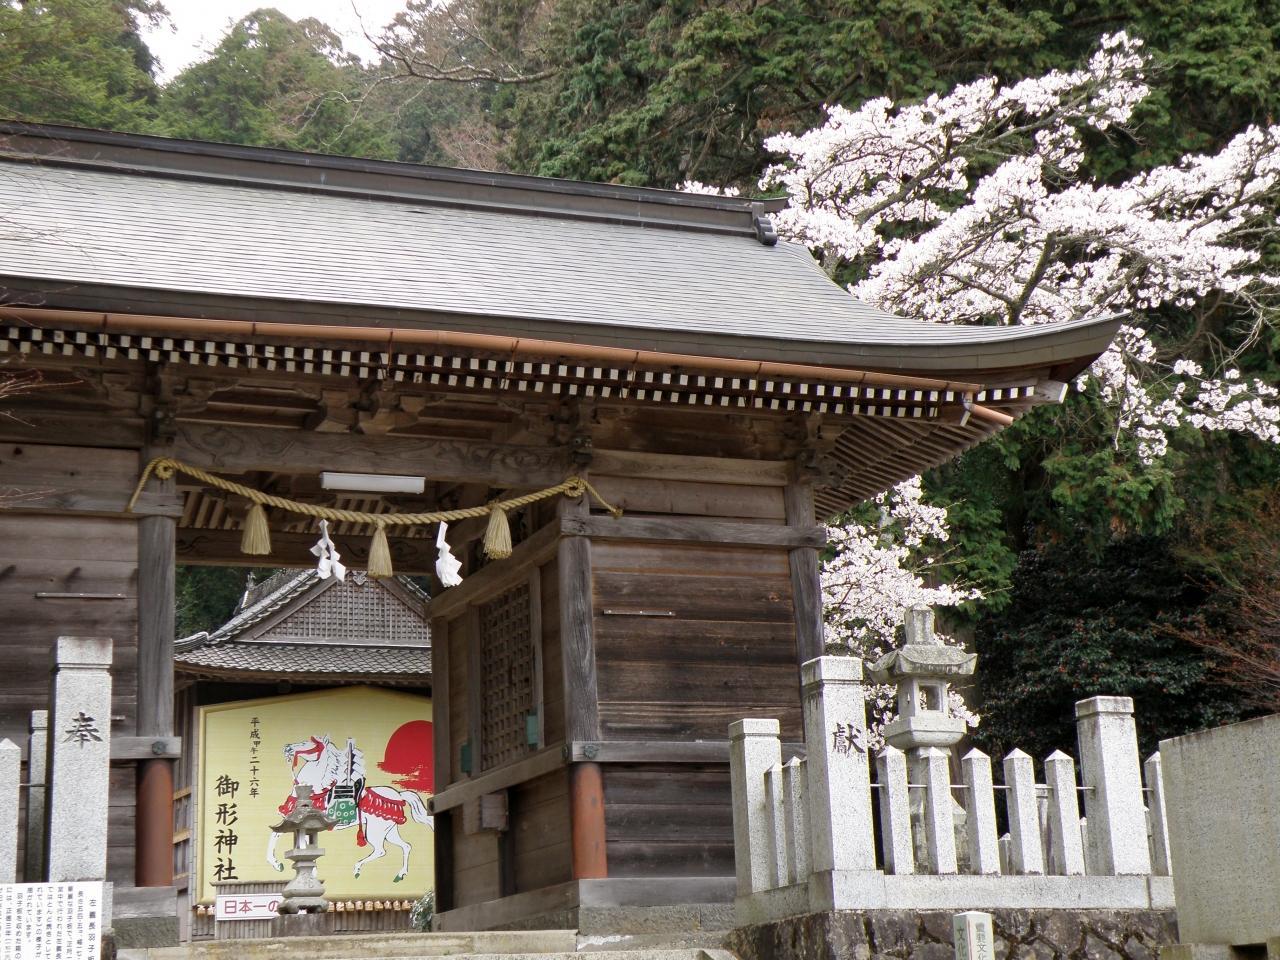 兵庫桜紀行 2014 その4 御形神社...